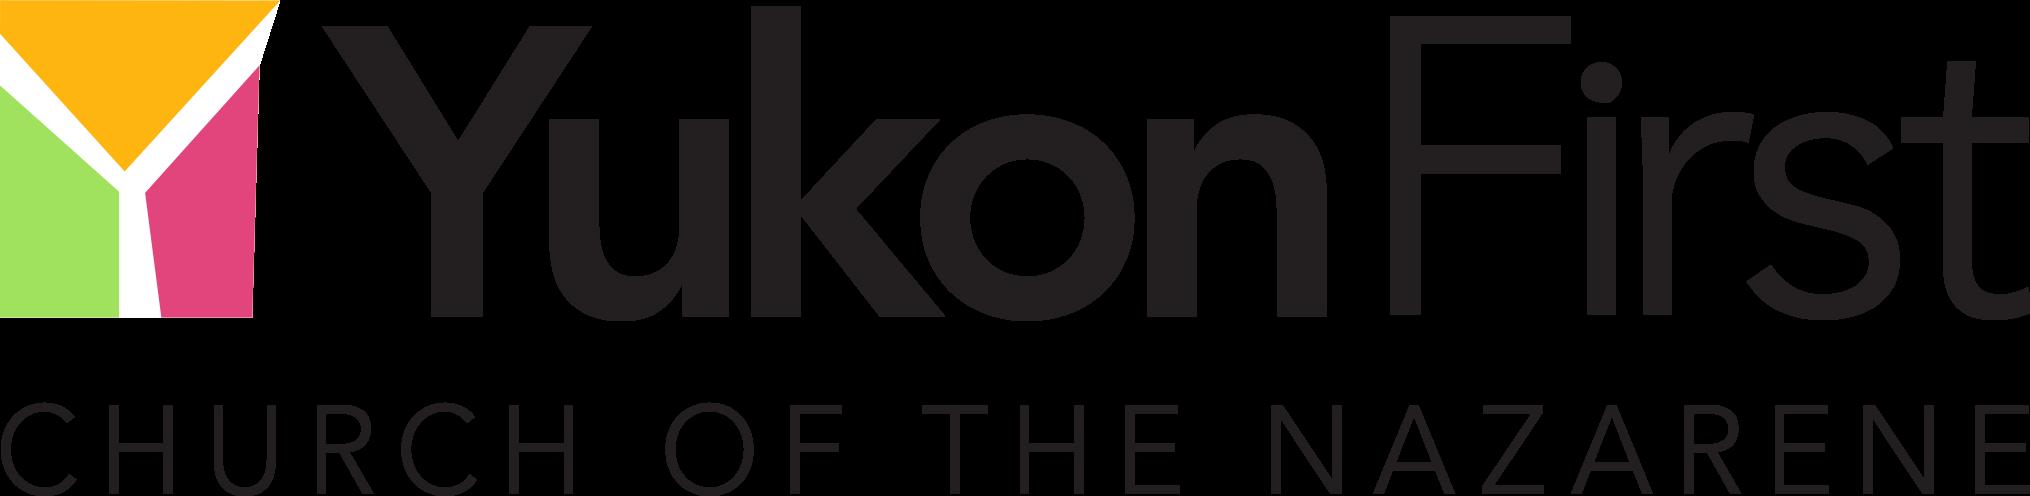 Yukon First Nazarene